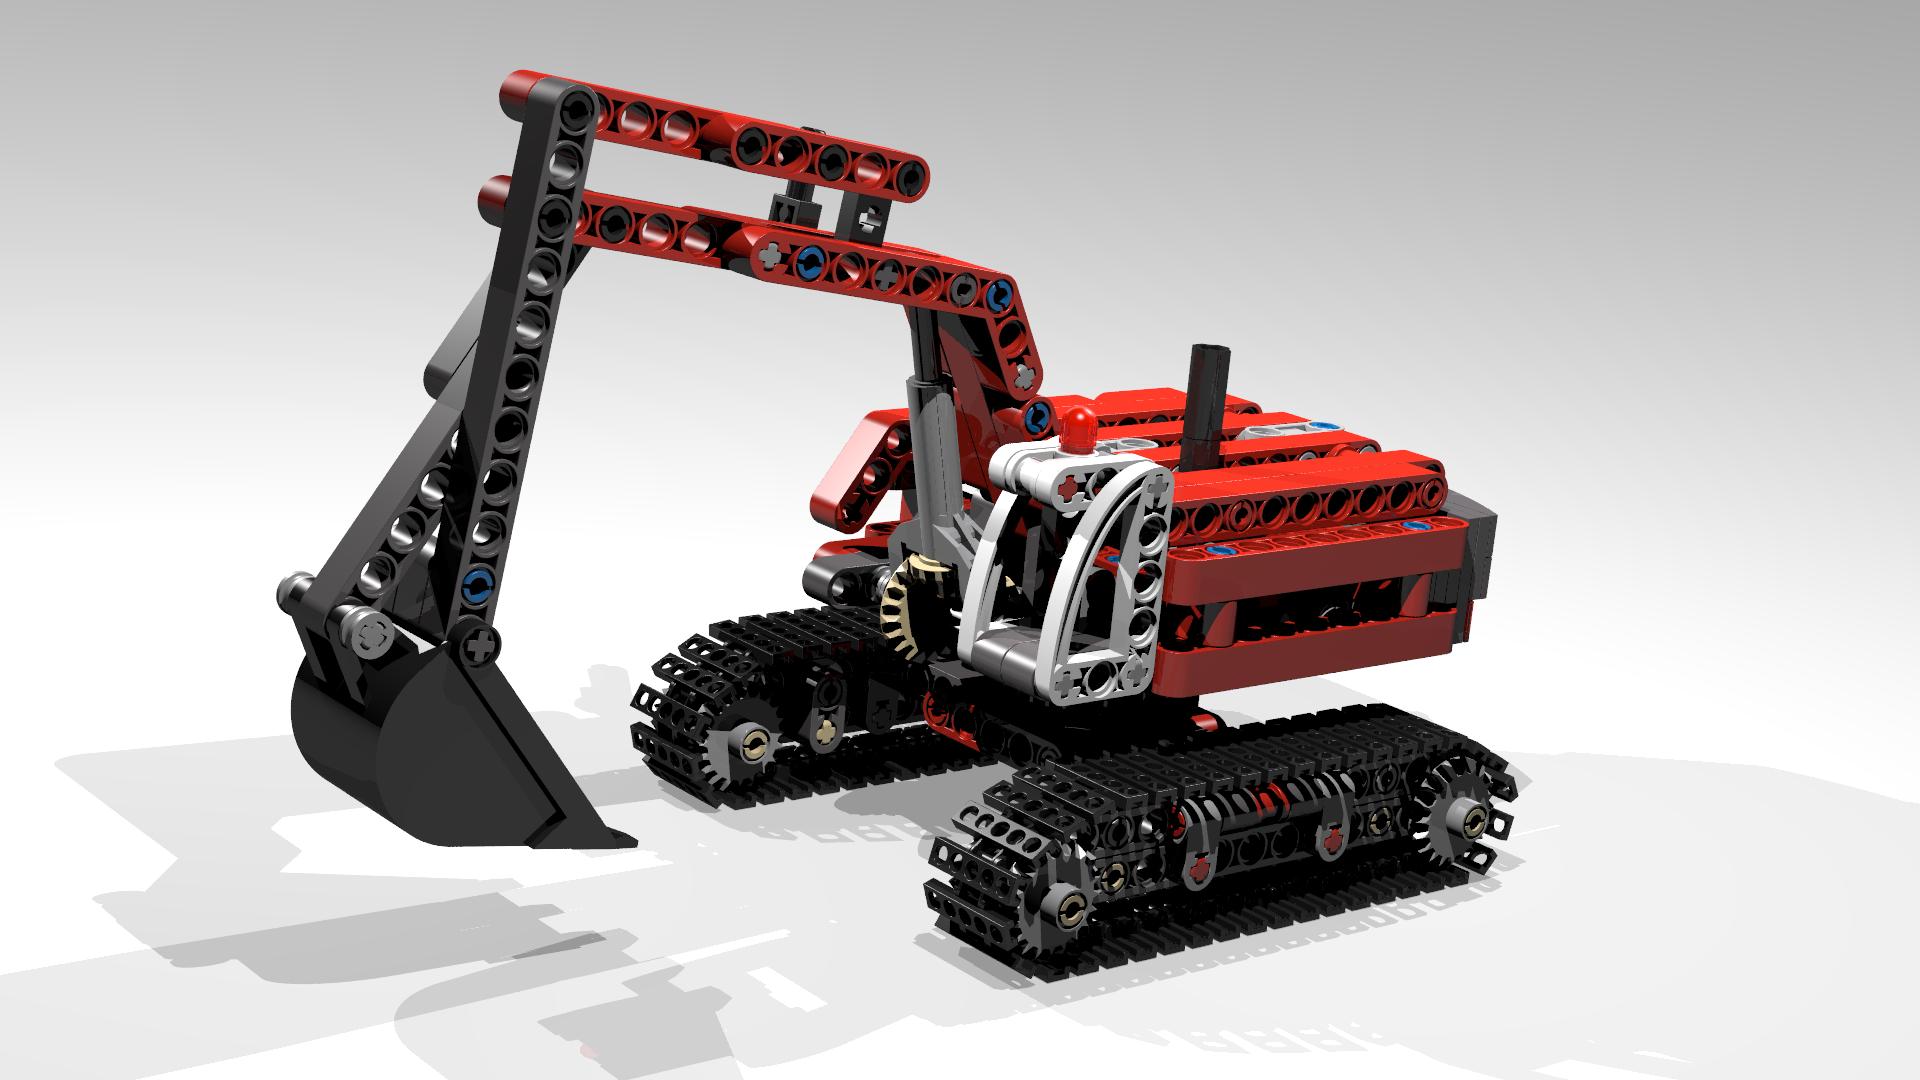 [Image: 42023-1-s1_-_excavator.png]